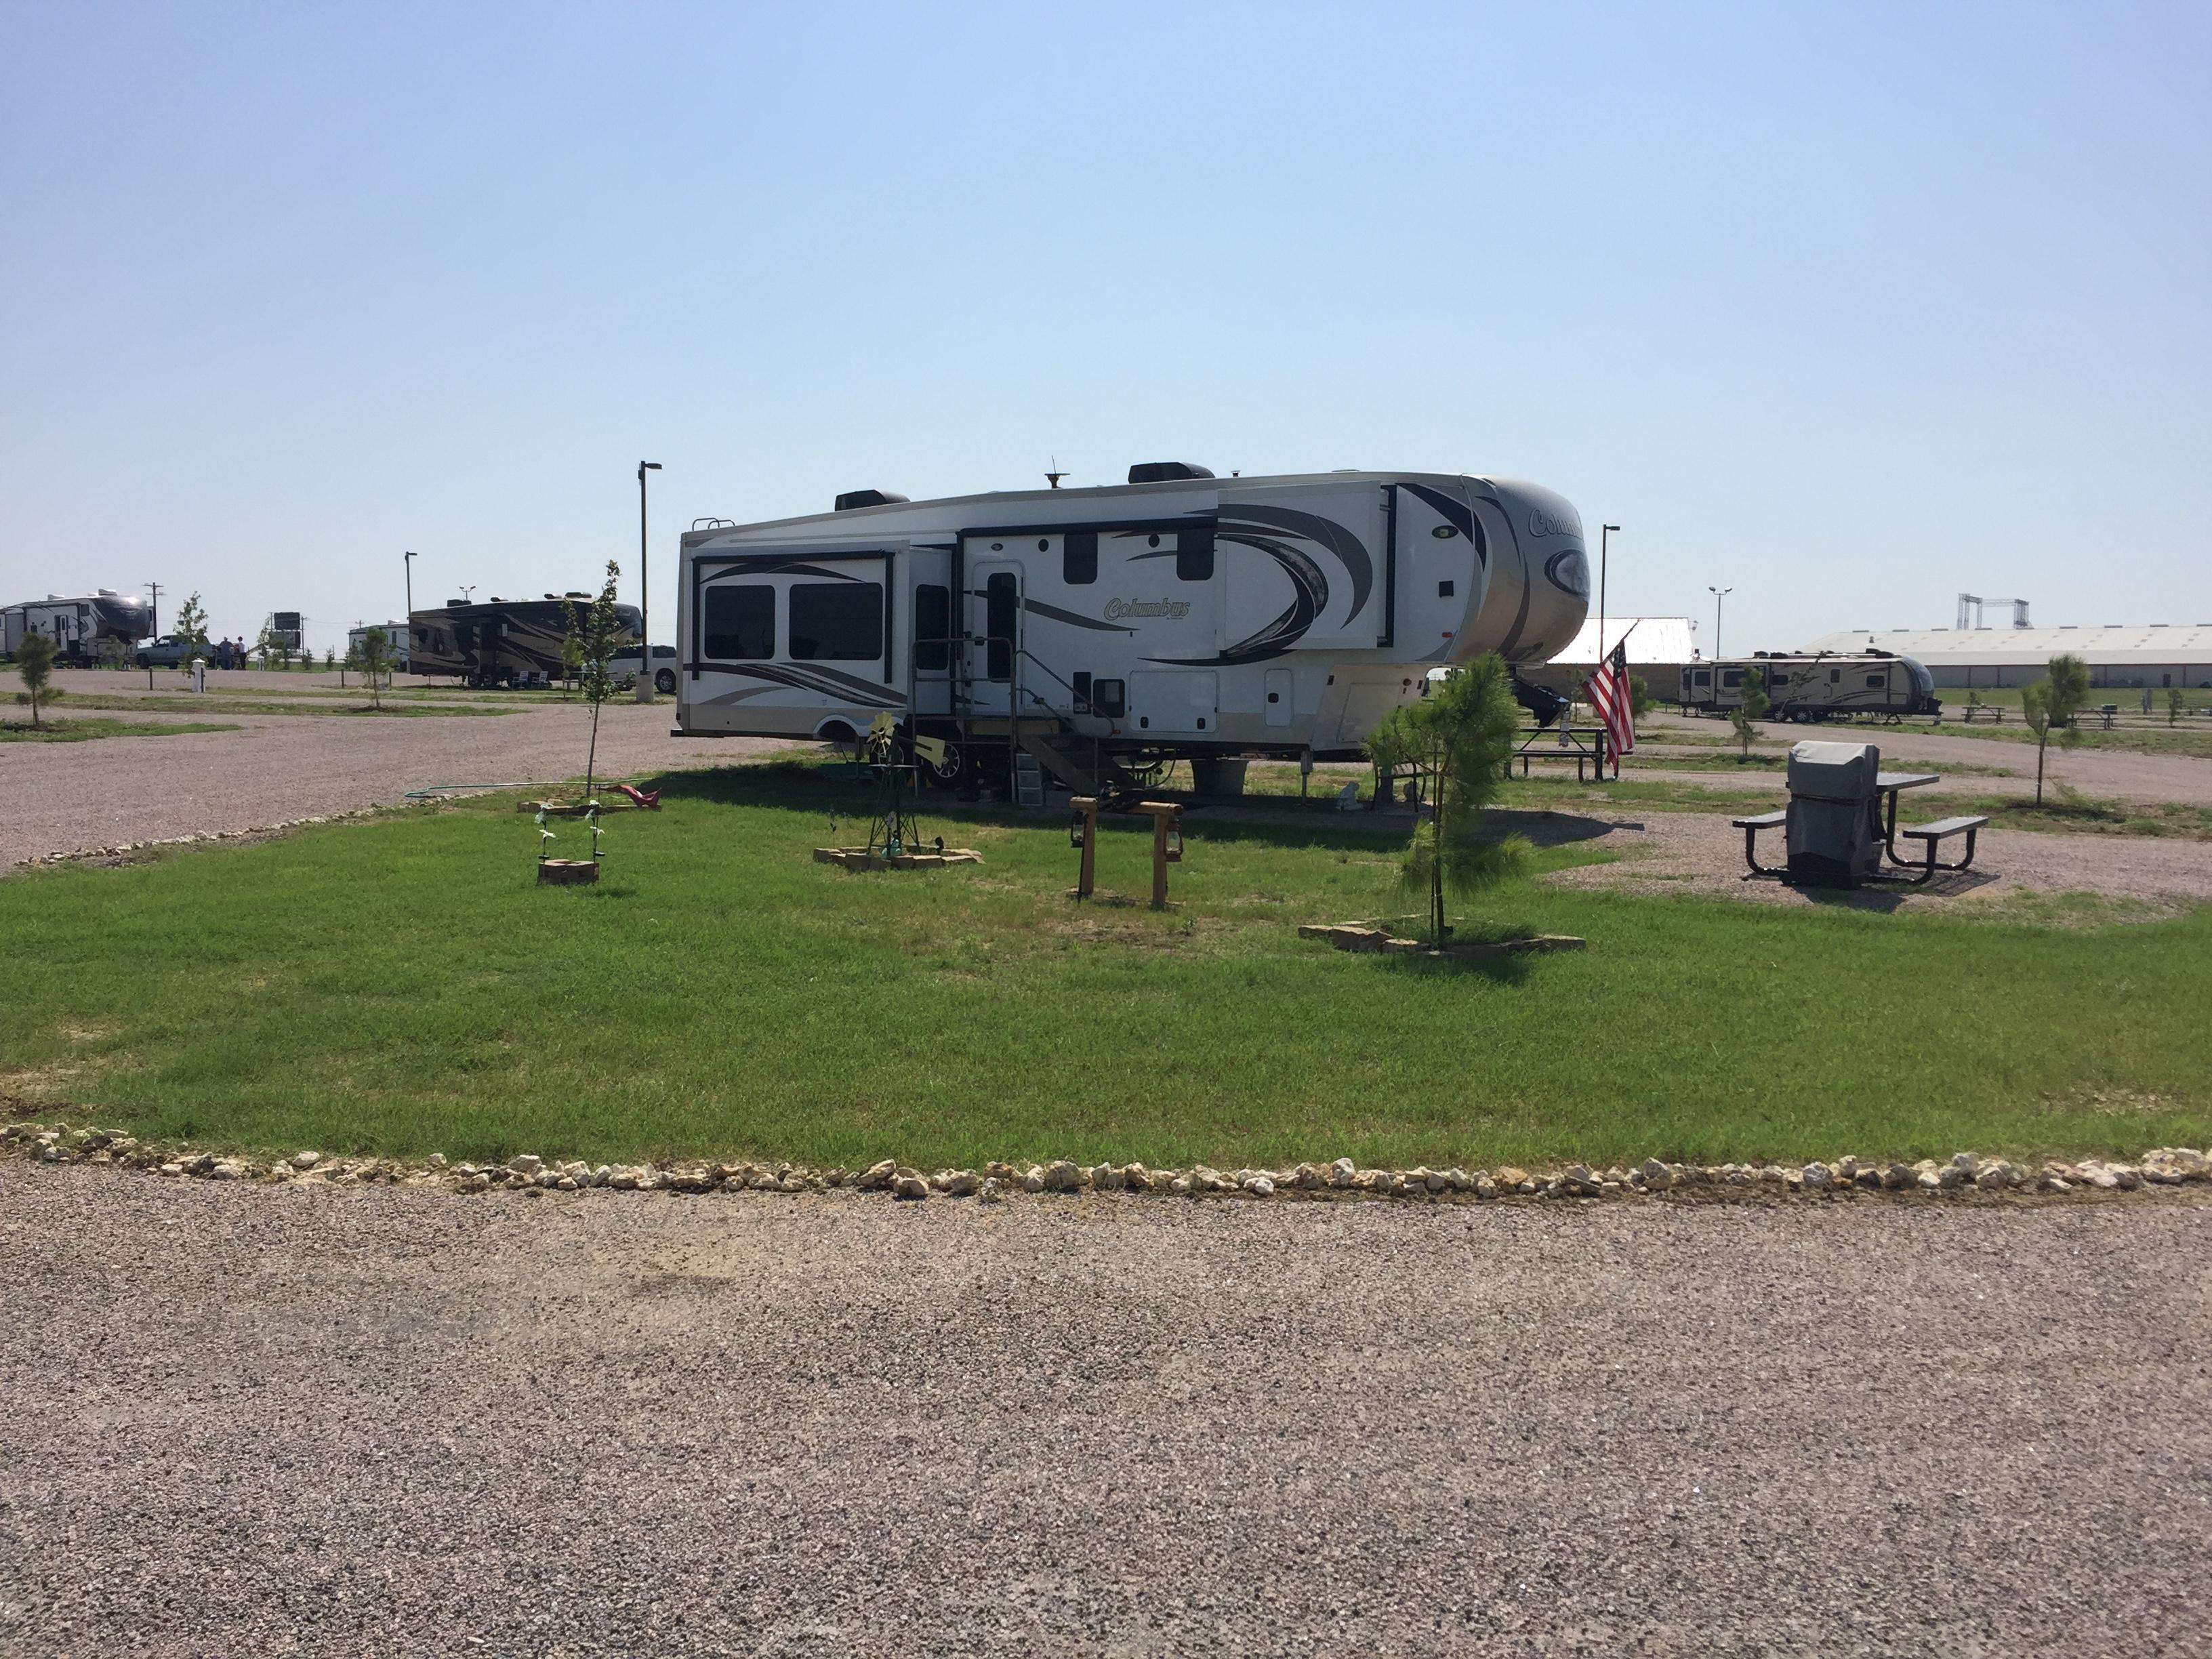 Texas Ranch RV Resort